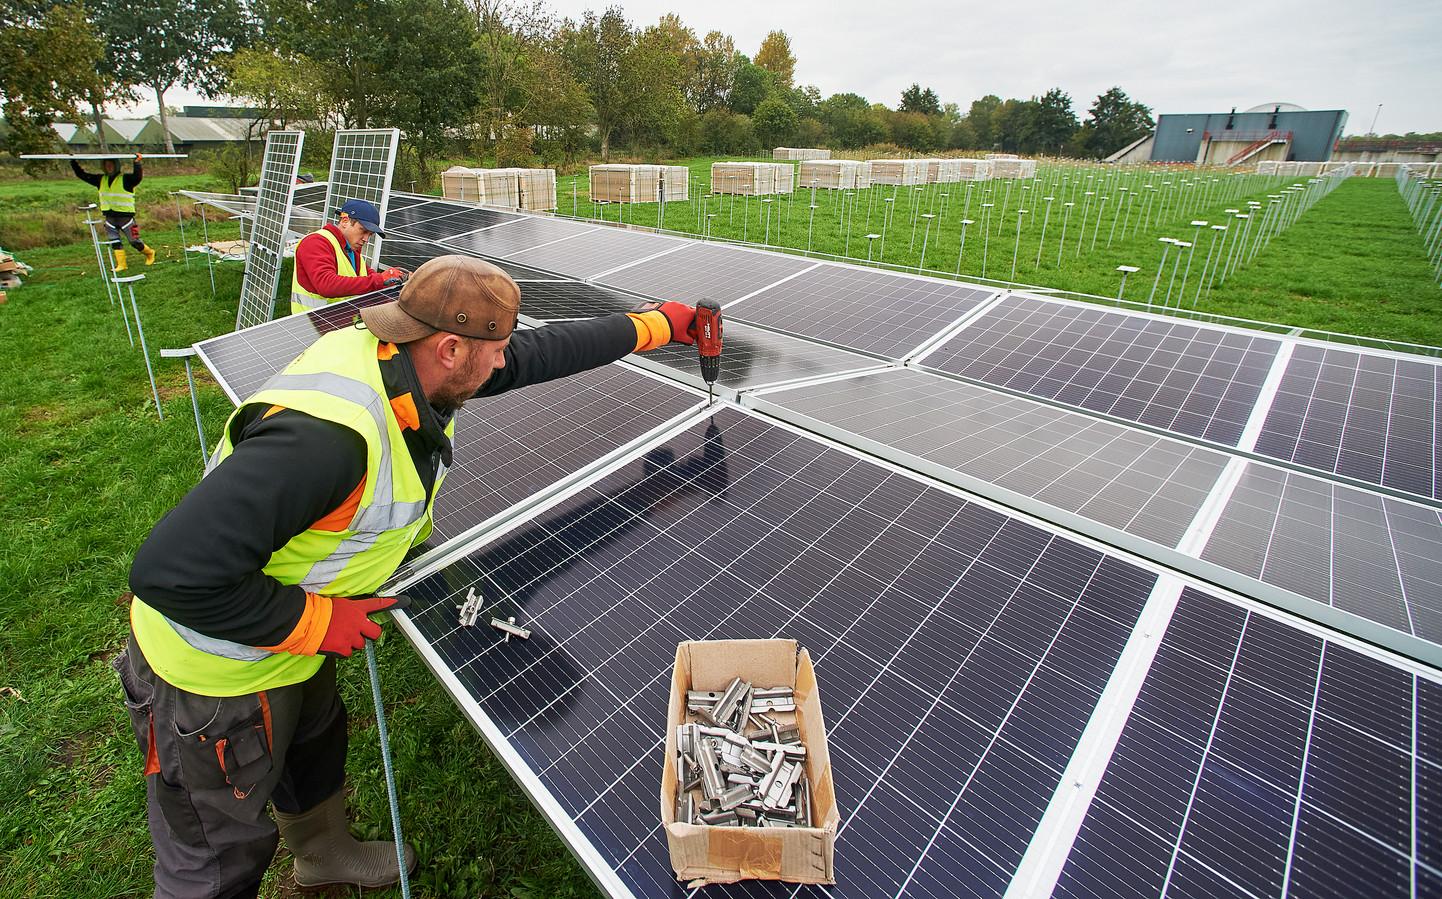 Bij de RWZI te Heeswijk Dinther zijn ze begonnen met het plaatsen van zonnenpanelen. Fotograaf: Van Assendelft/Jeroen Appels